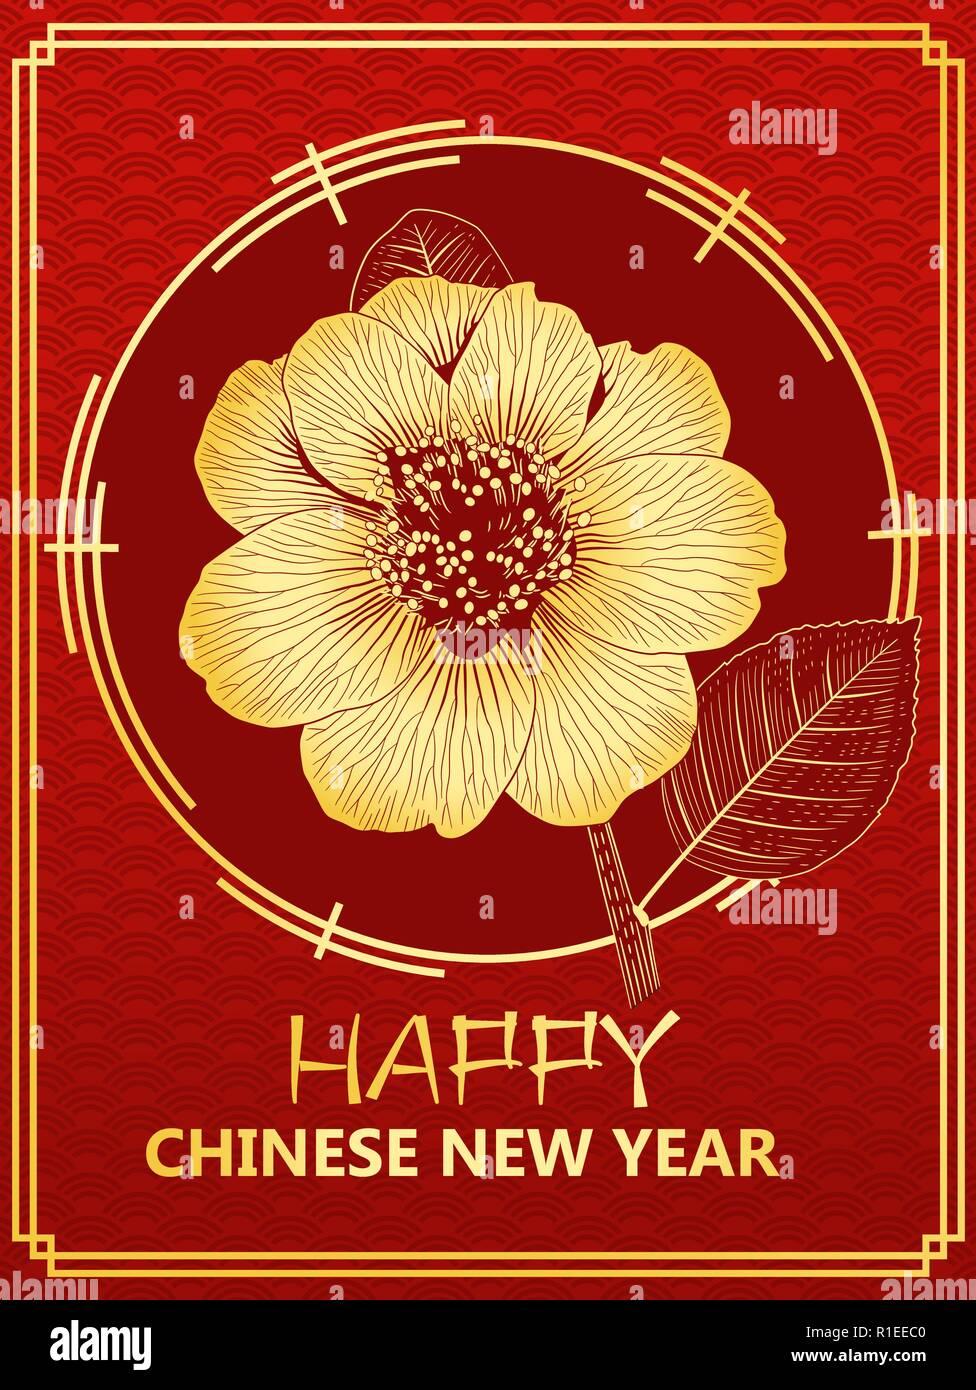 Das chinesische Neujahr Grußkarte. Golden camellia Blume auf der ...